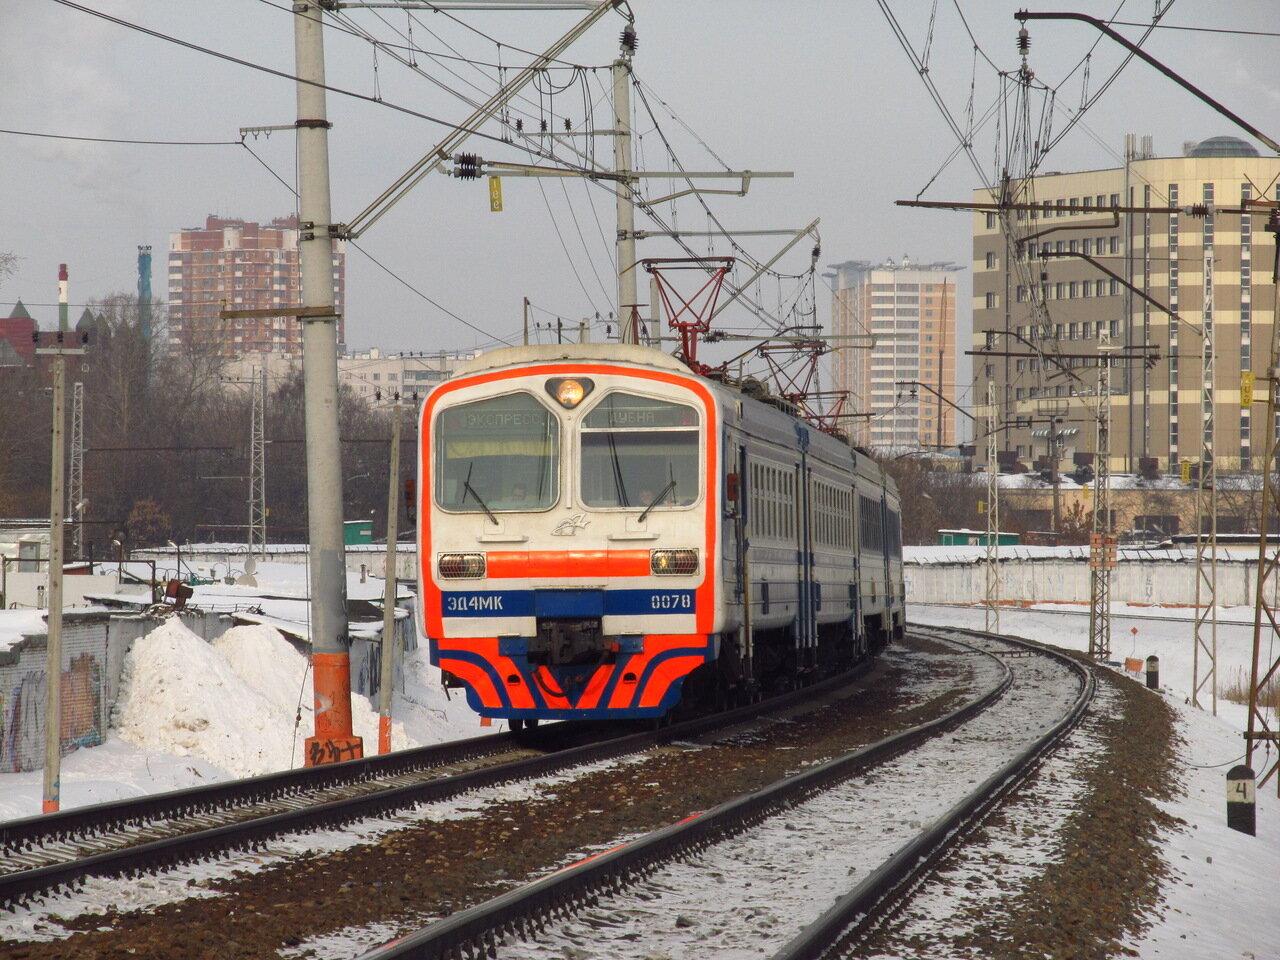 Вскоре эти поезда начали выпускаться серийно совместно с ЭД4М, используя общую.